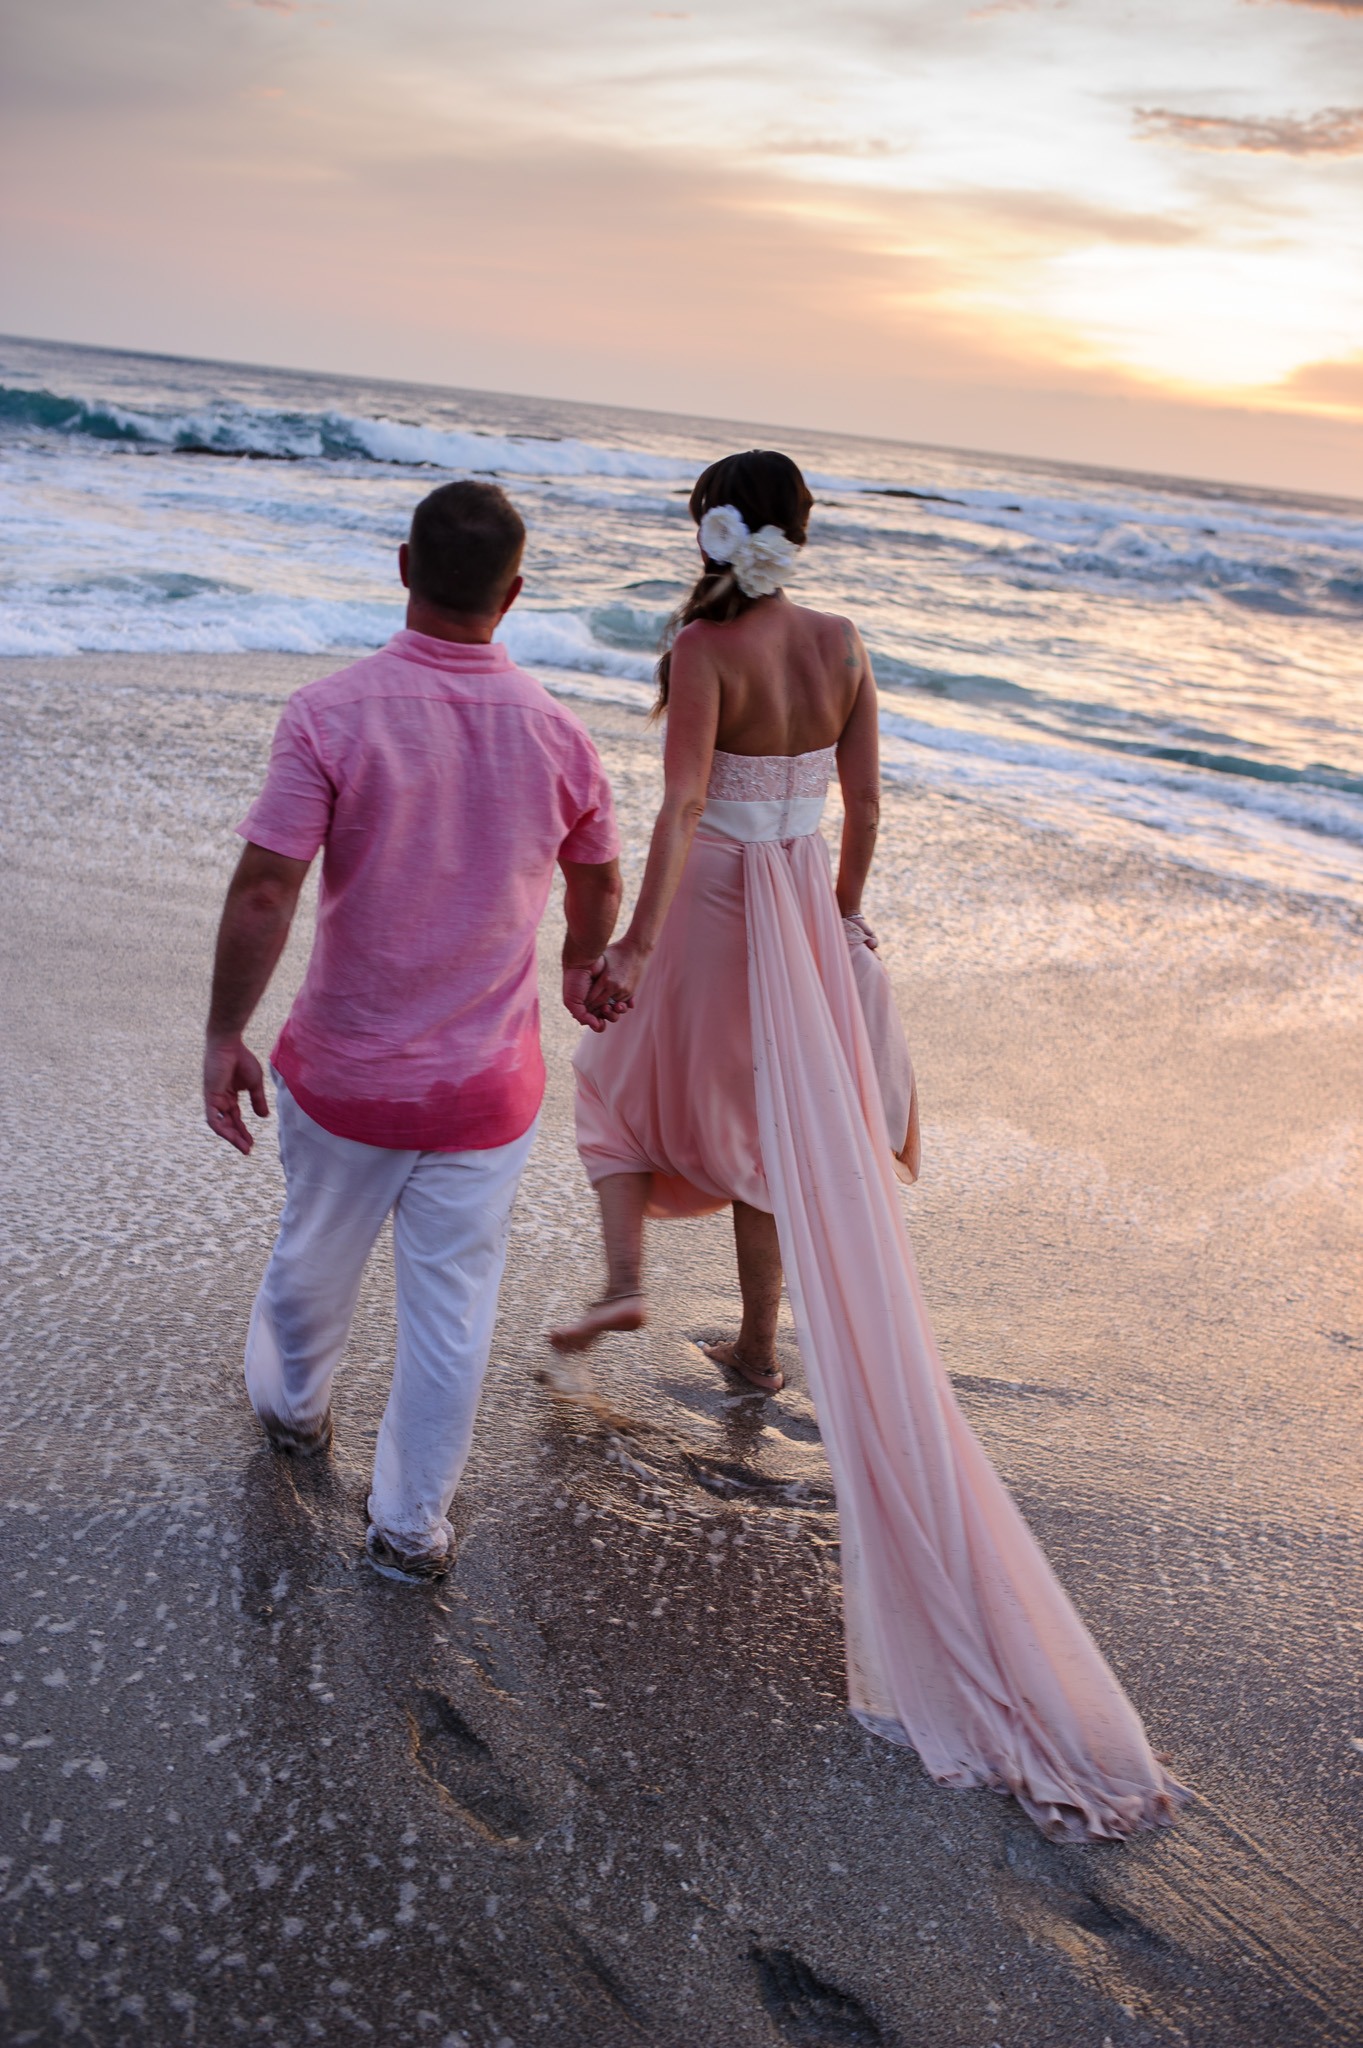 Sunset elopement photos Costa Rica